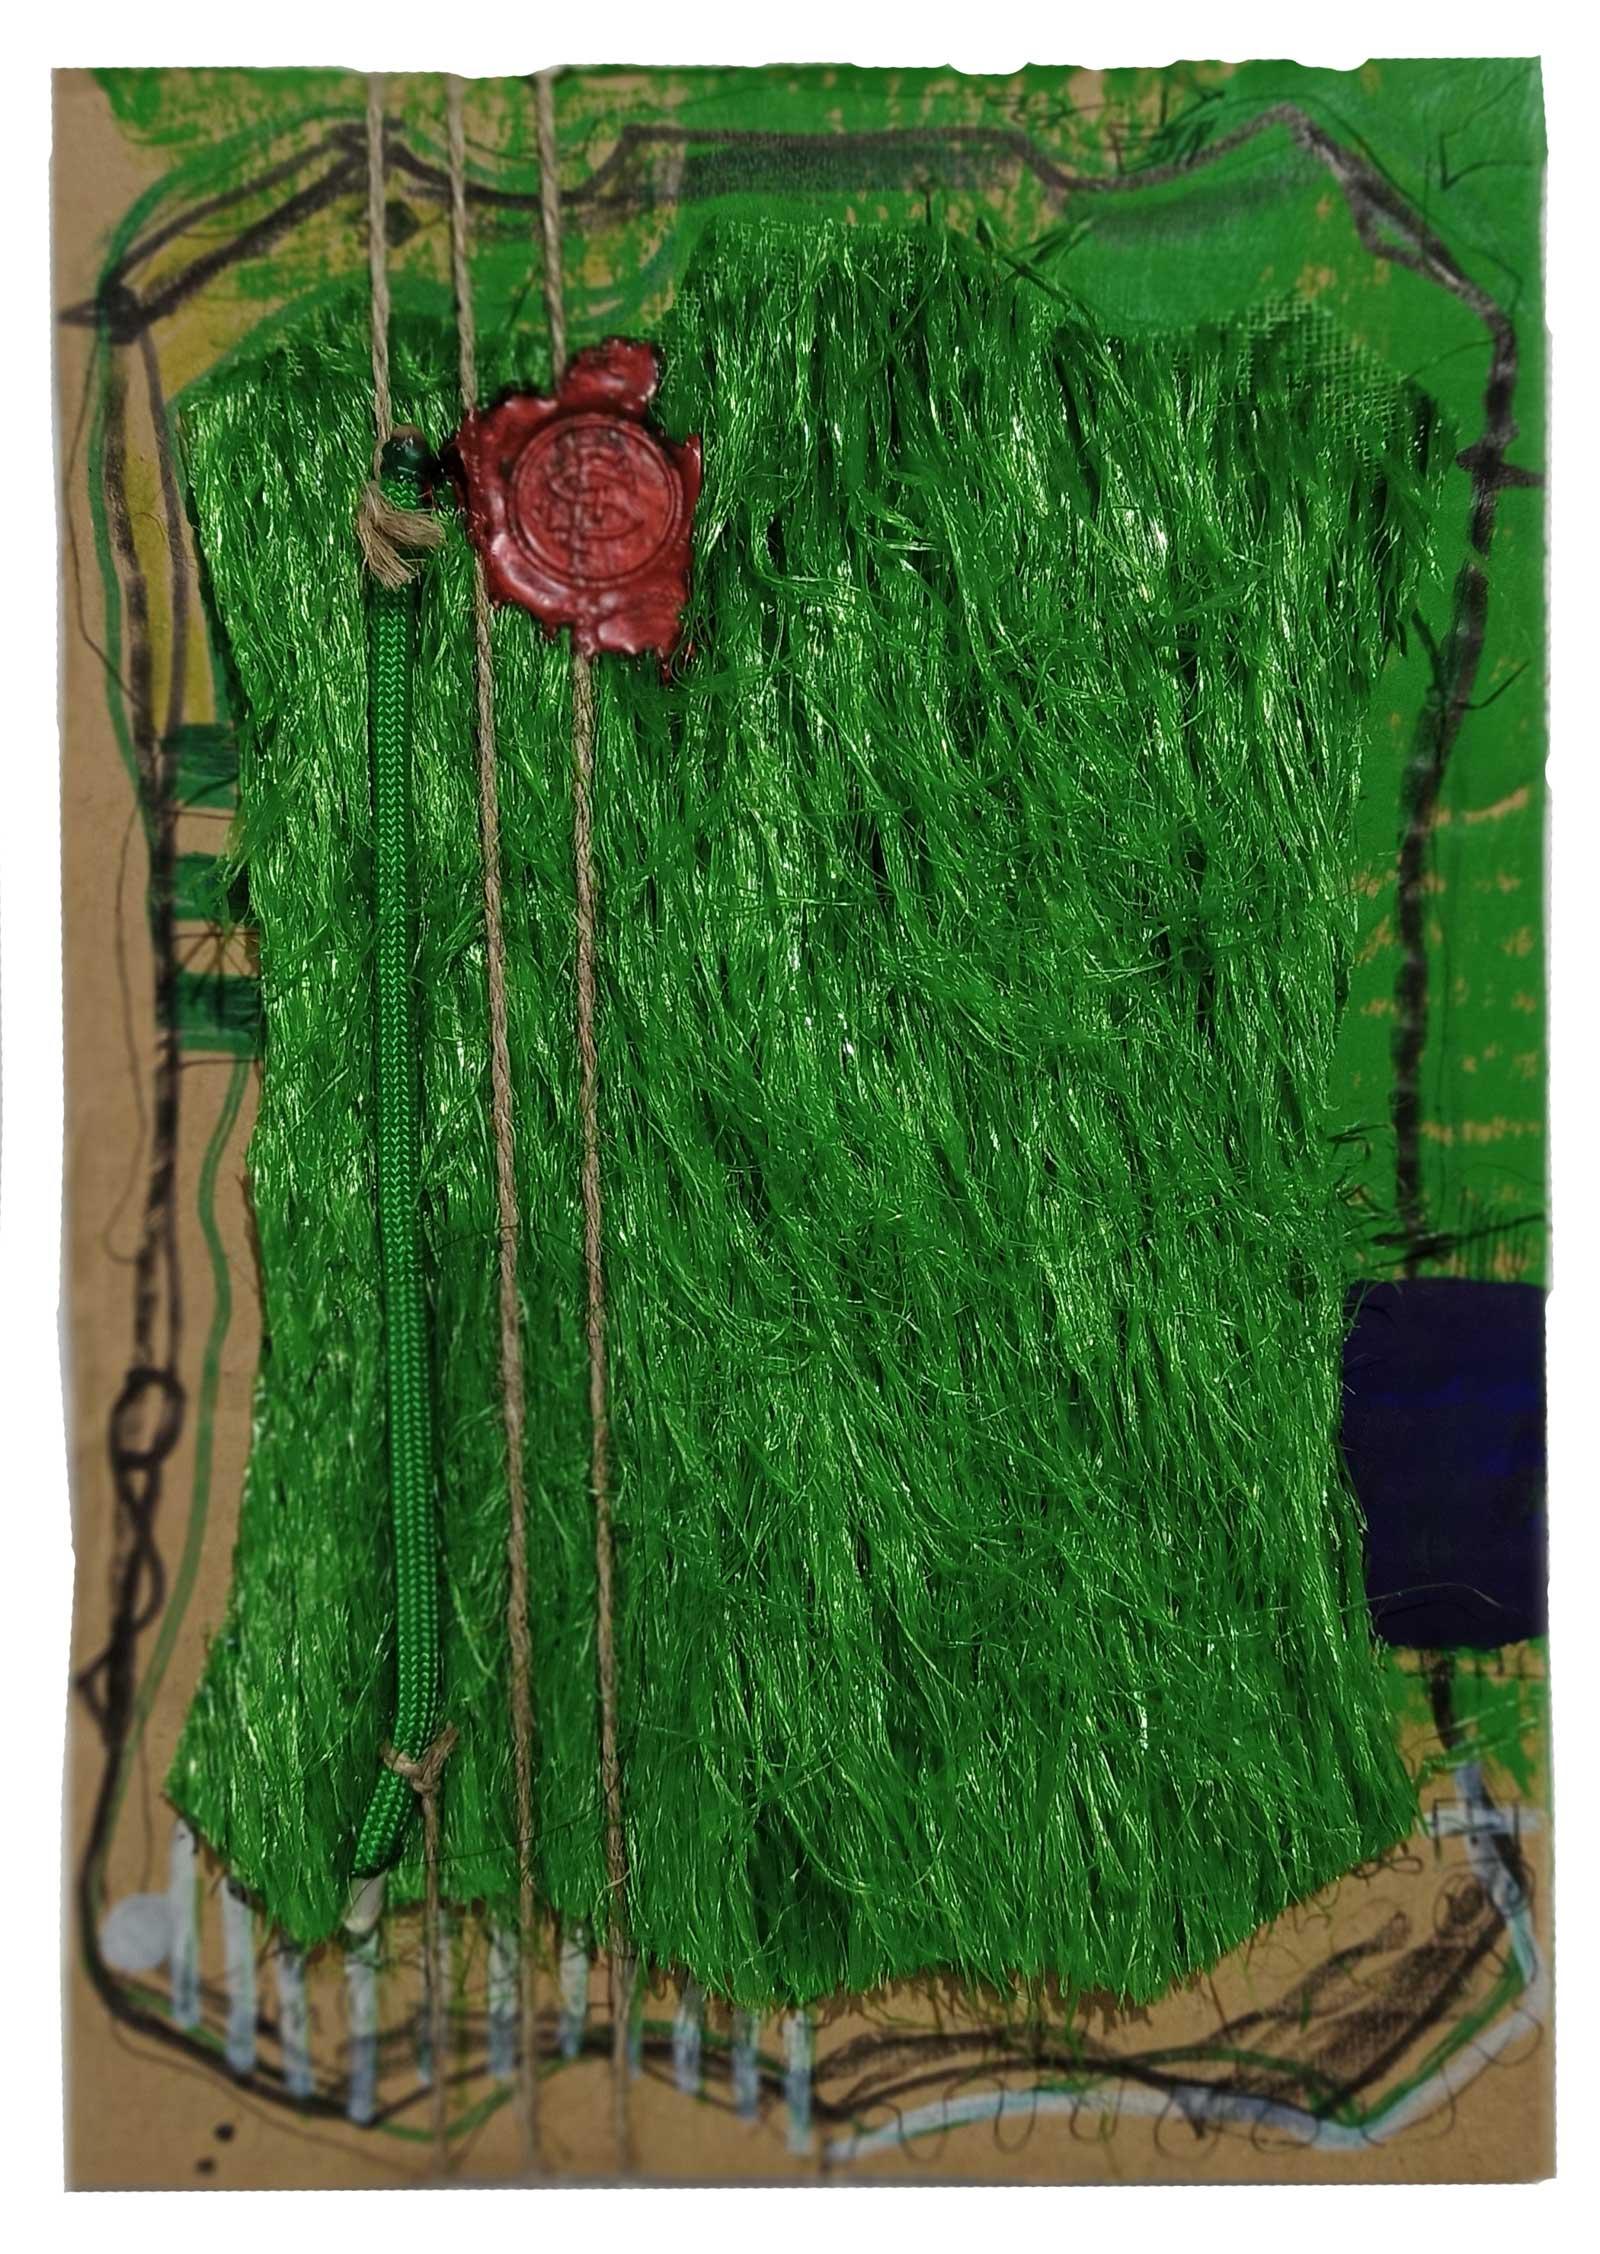 Kleingarten mit ool Gras - Okuraee auf Karton KIM OKURA joytrophies